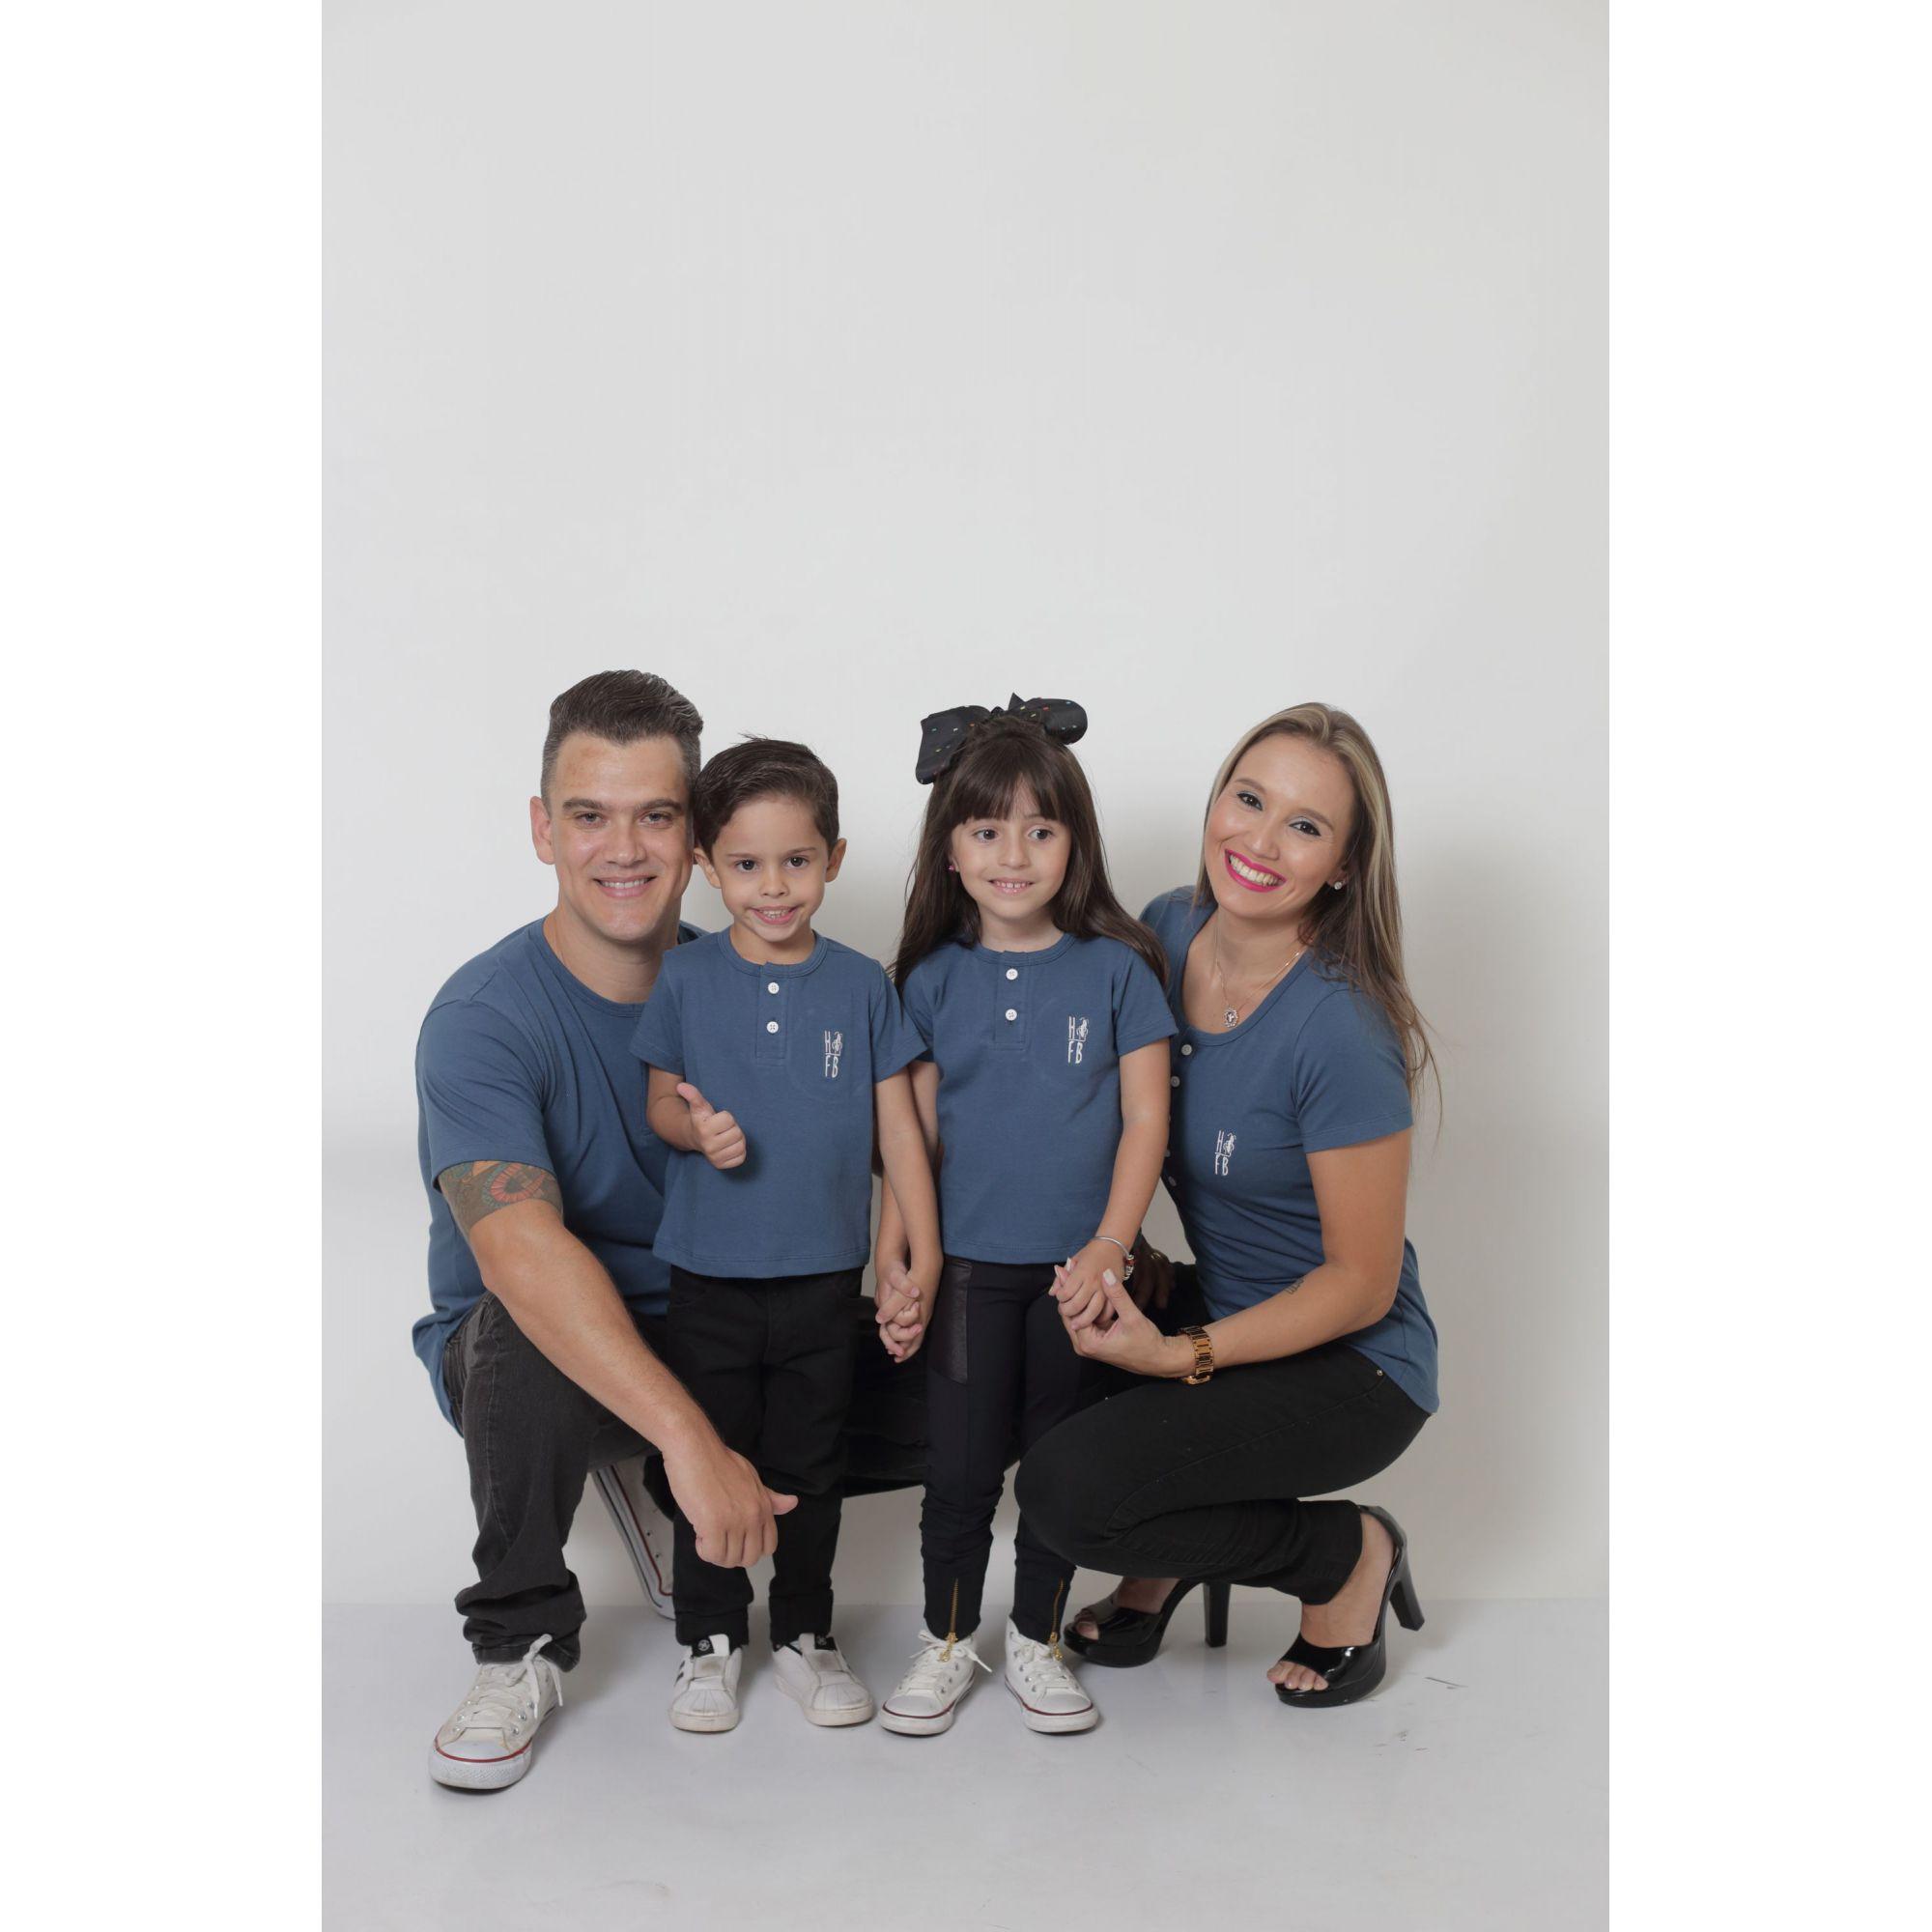 PAIS E FILHOS > Kit 3 Peças T-Shirt Henley - Azul Petróleo [Coleção Família]  - Heitor Fashion Brazil